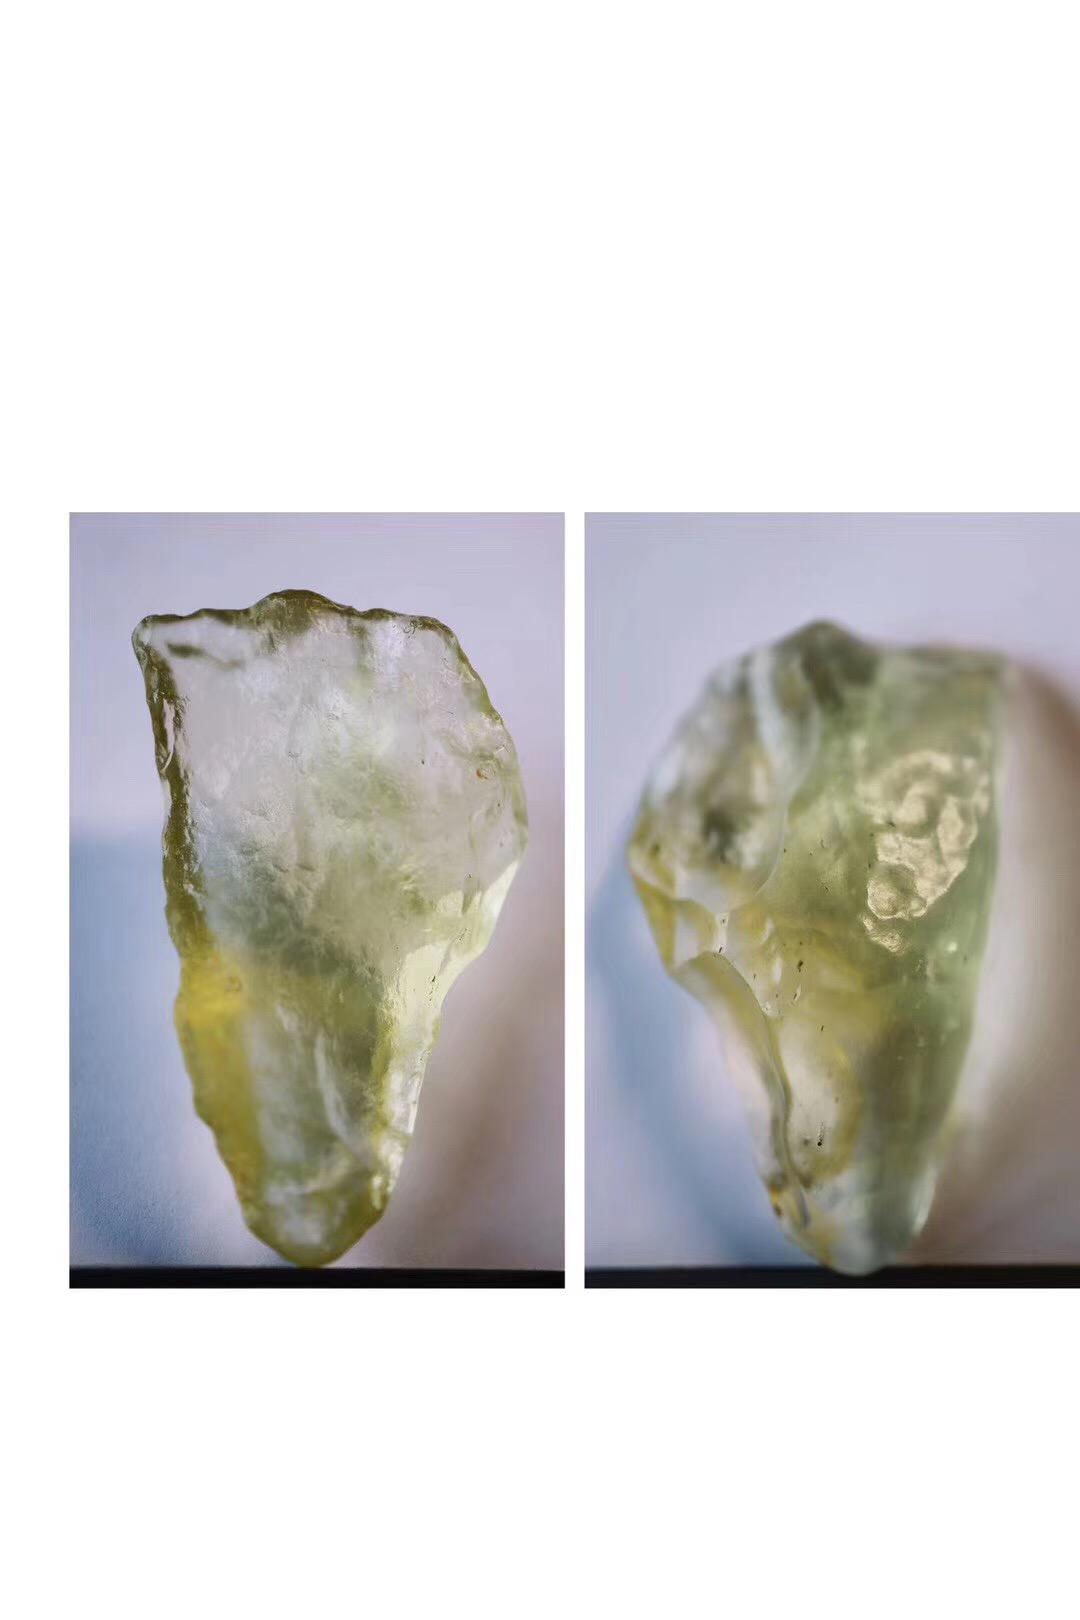 【黄金陨石&利比亚】这一款设计,注定会成为菩心的又一个经典-菩心晶舍